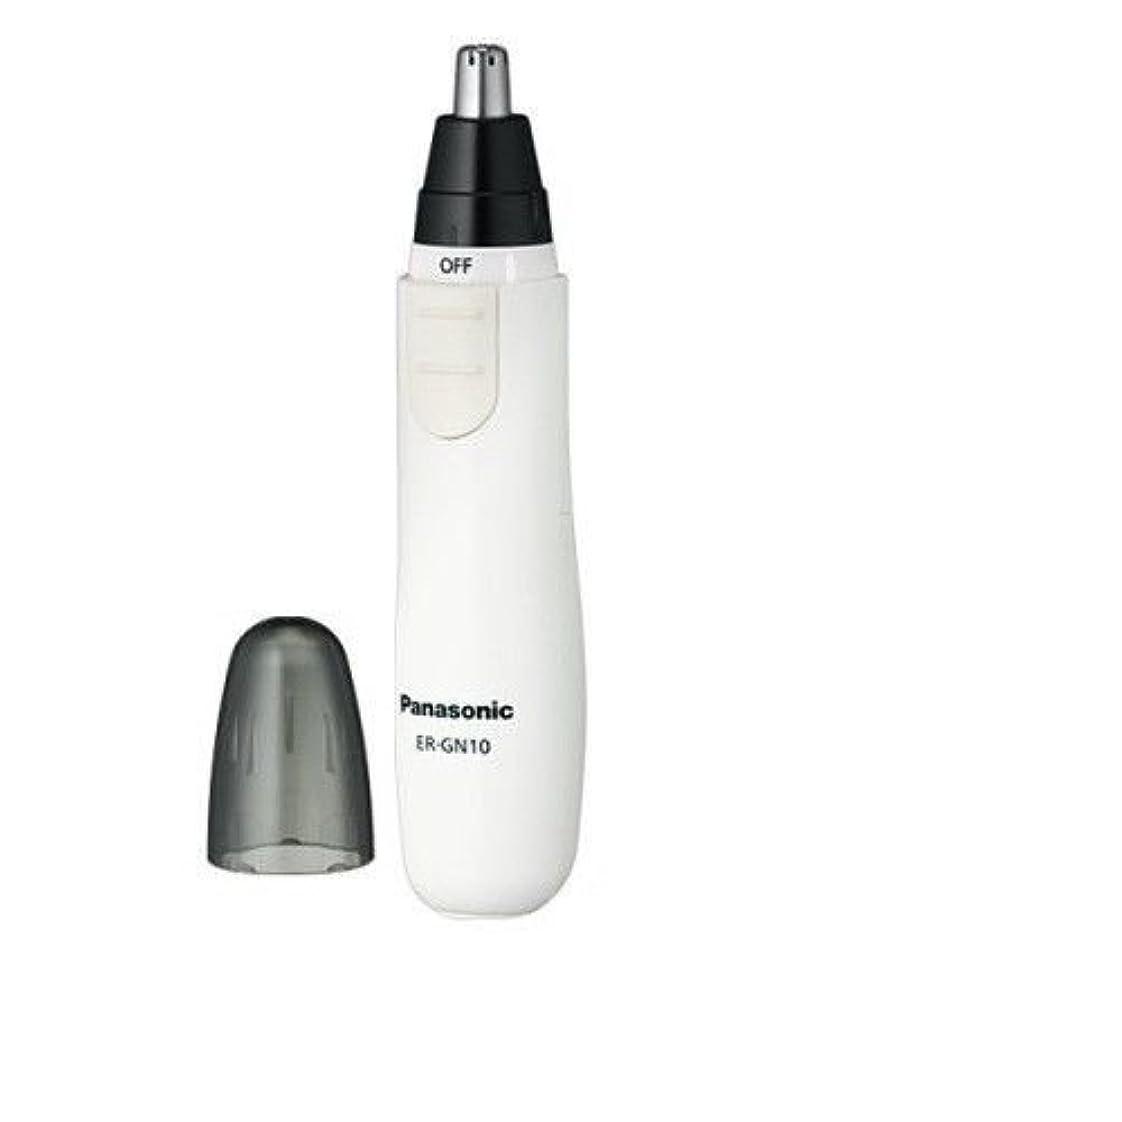 成長マガジンコロニーPanasonic ER-GN10-W 耳毛トリマーは//鼻シェーバー ER-GN10 ホワイト日本製 [並行輸入品]